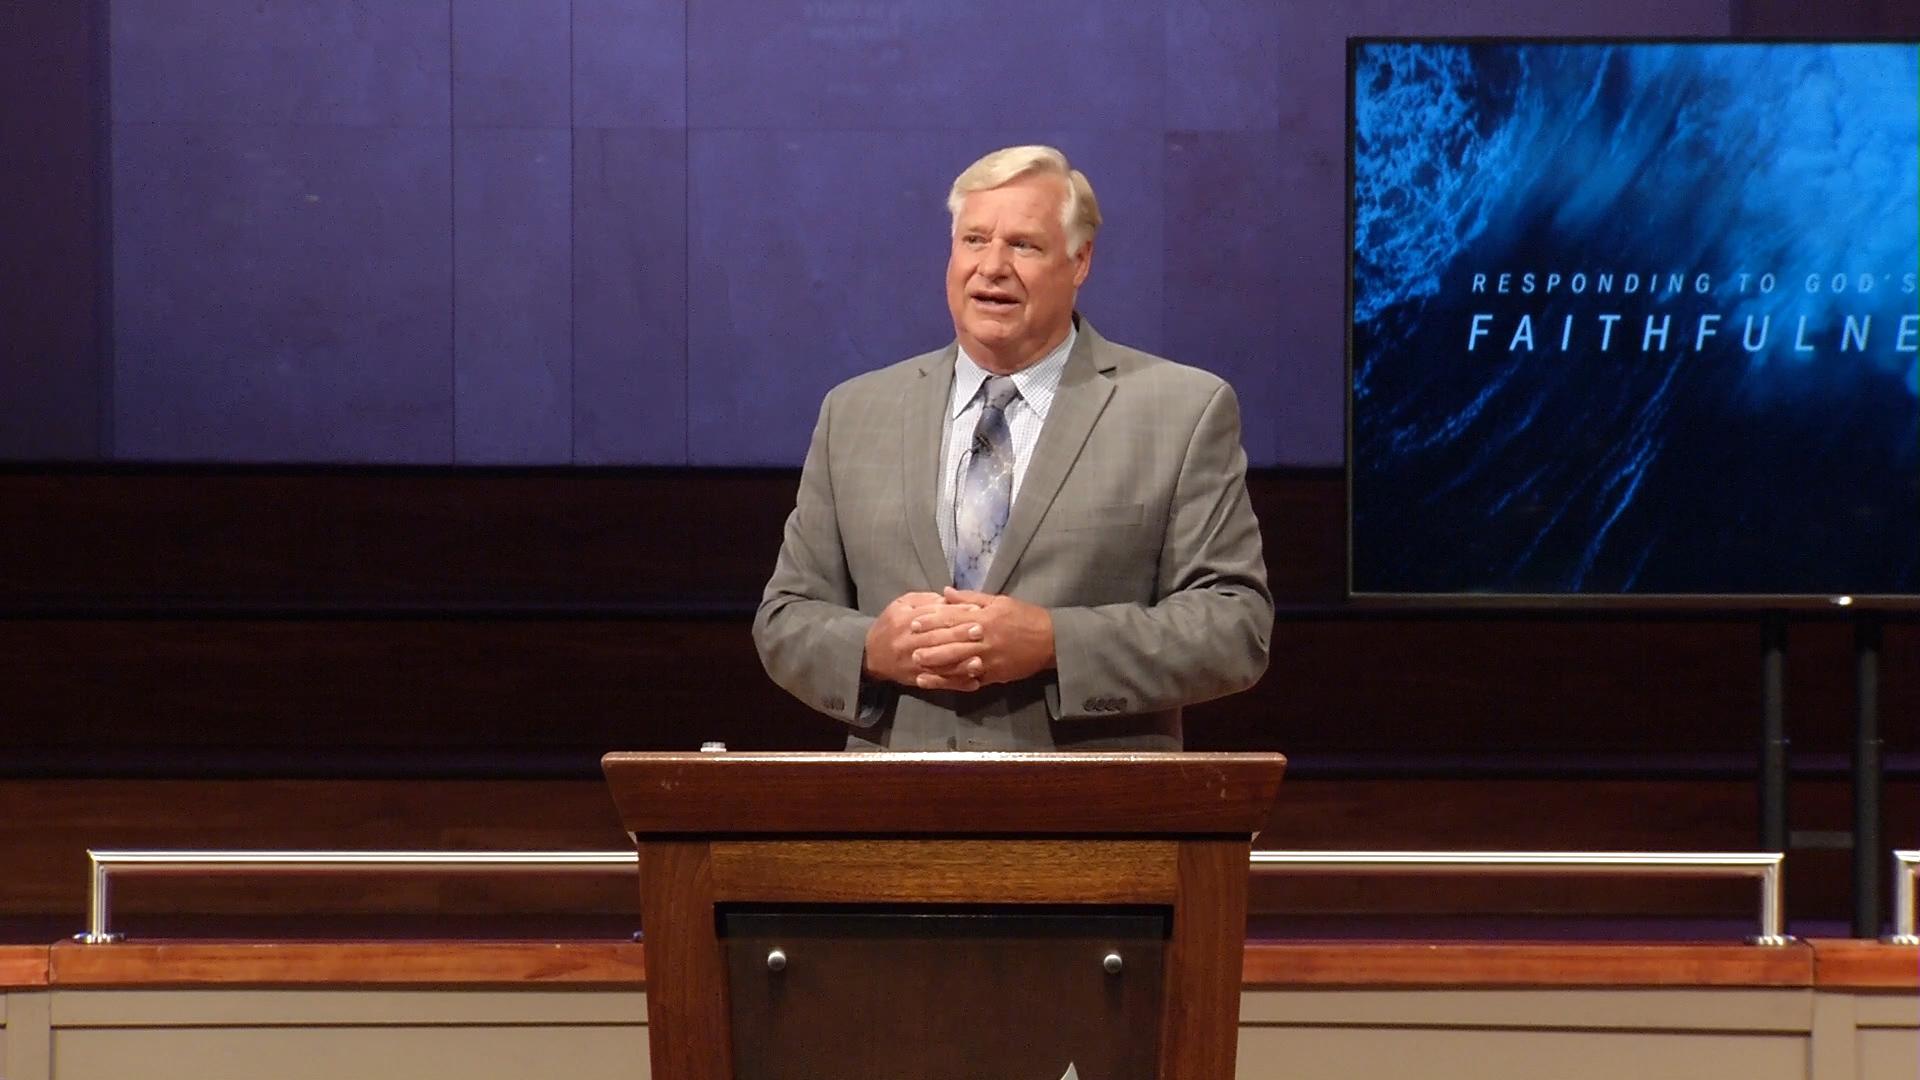 Dr. Jim Schettler: Responding to God's Faithfulness